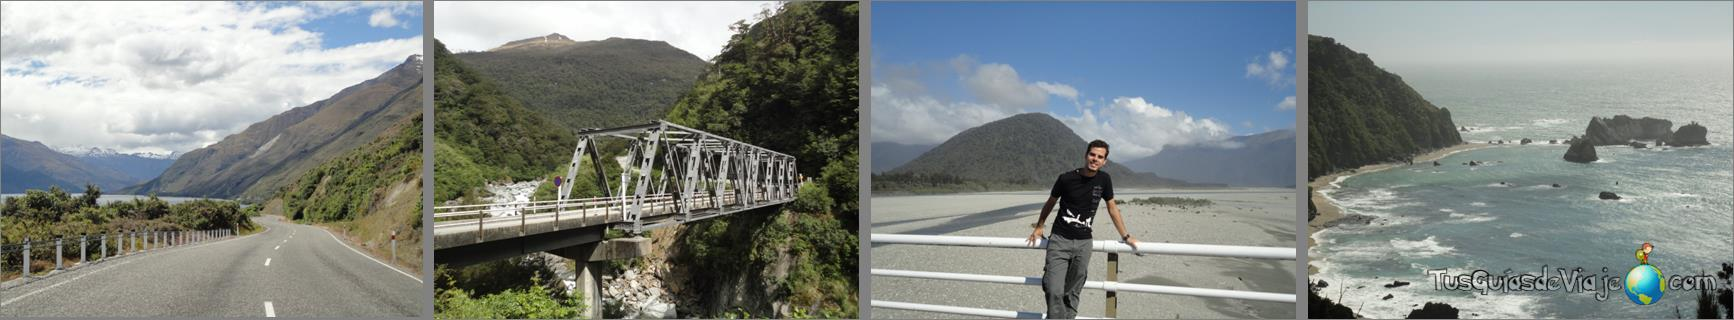 viajar por carretera en nueva zelanda